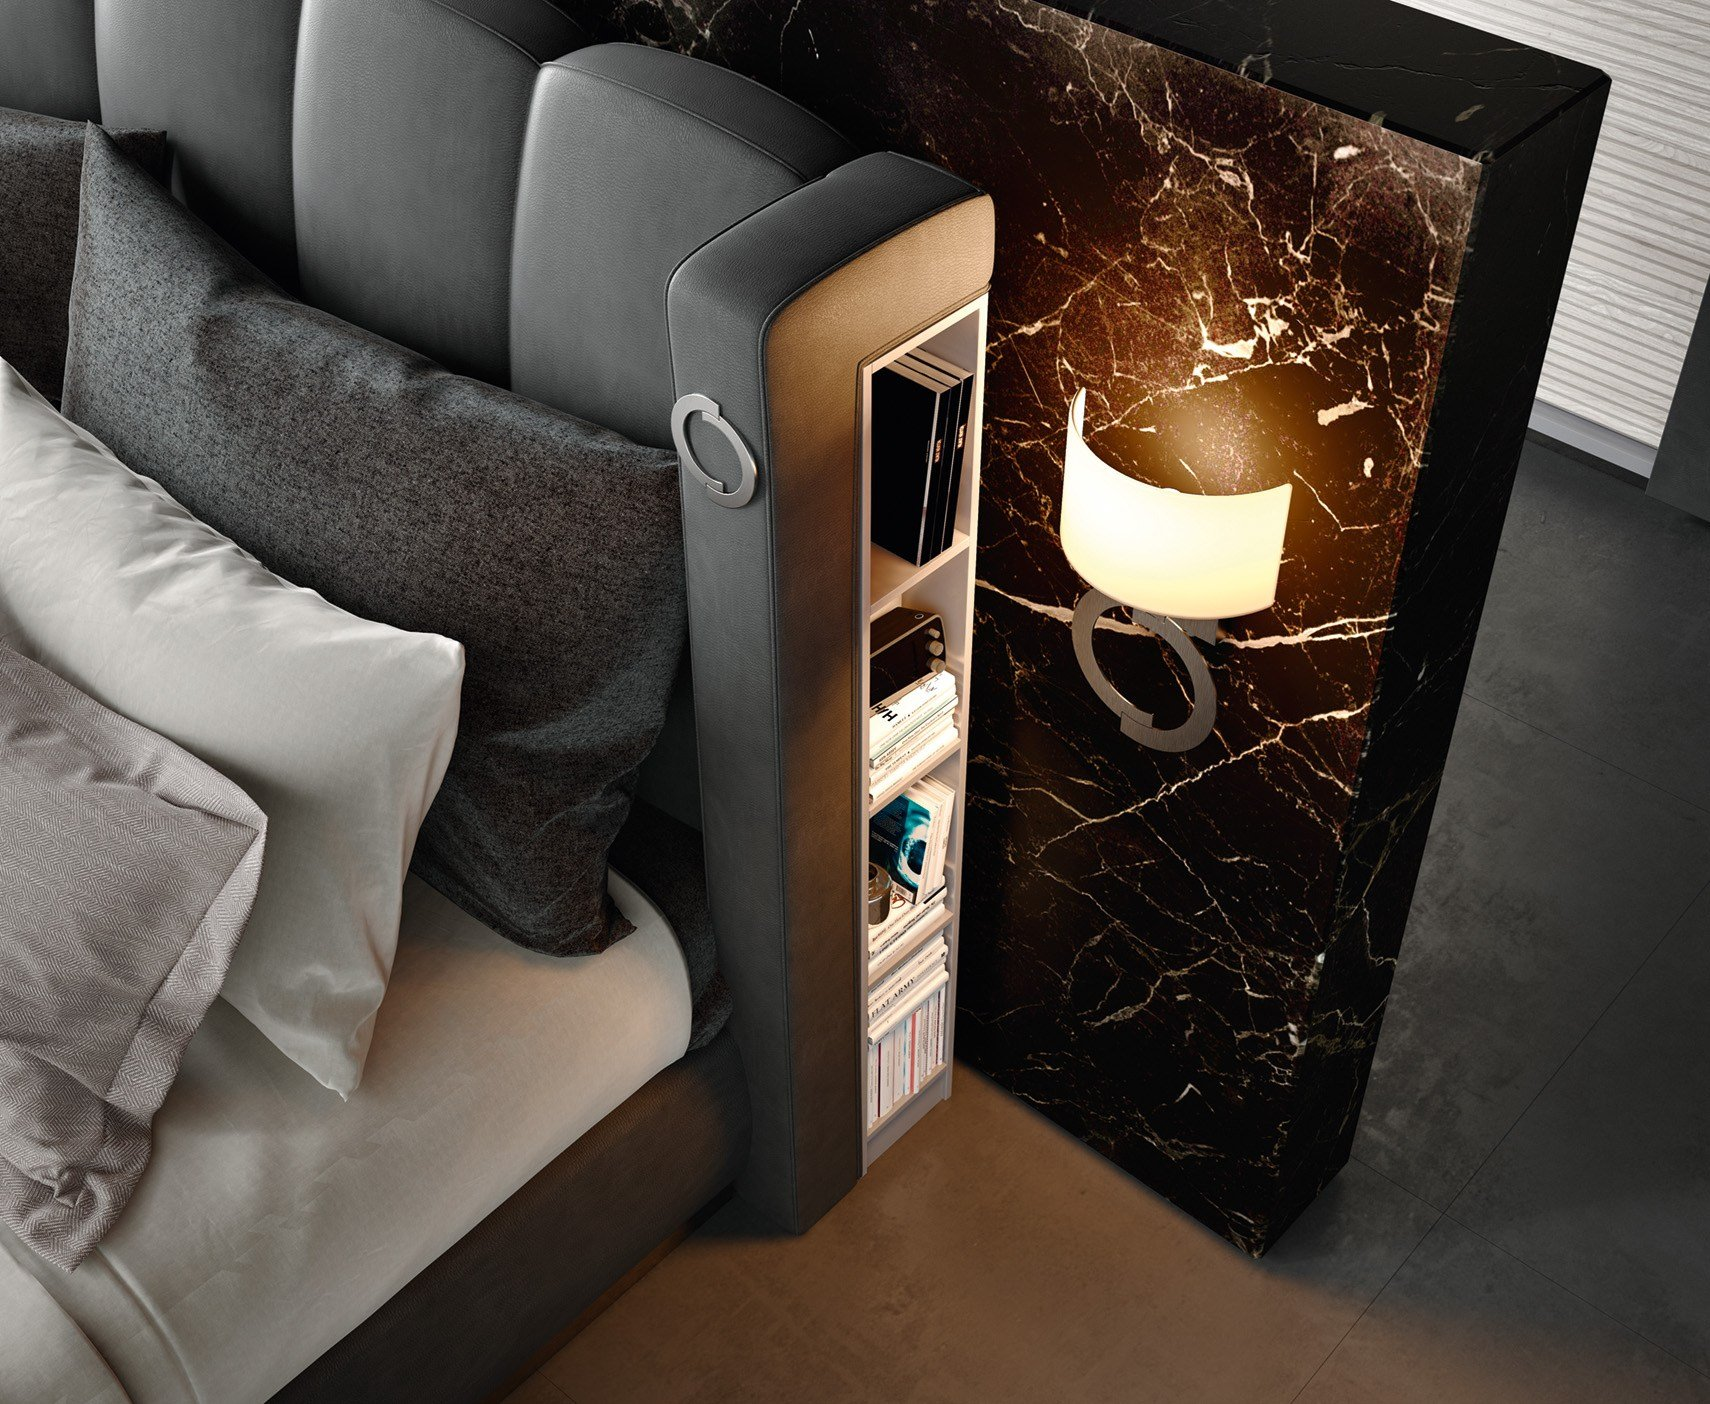 Testiera Letto Con Contenitore : Testata letto contenitore letto contenitore con testata capitonnè